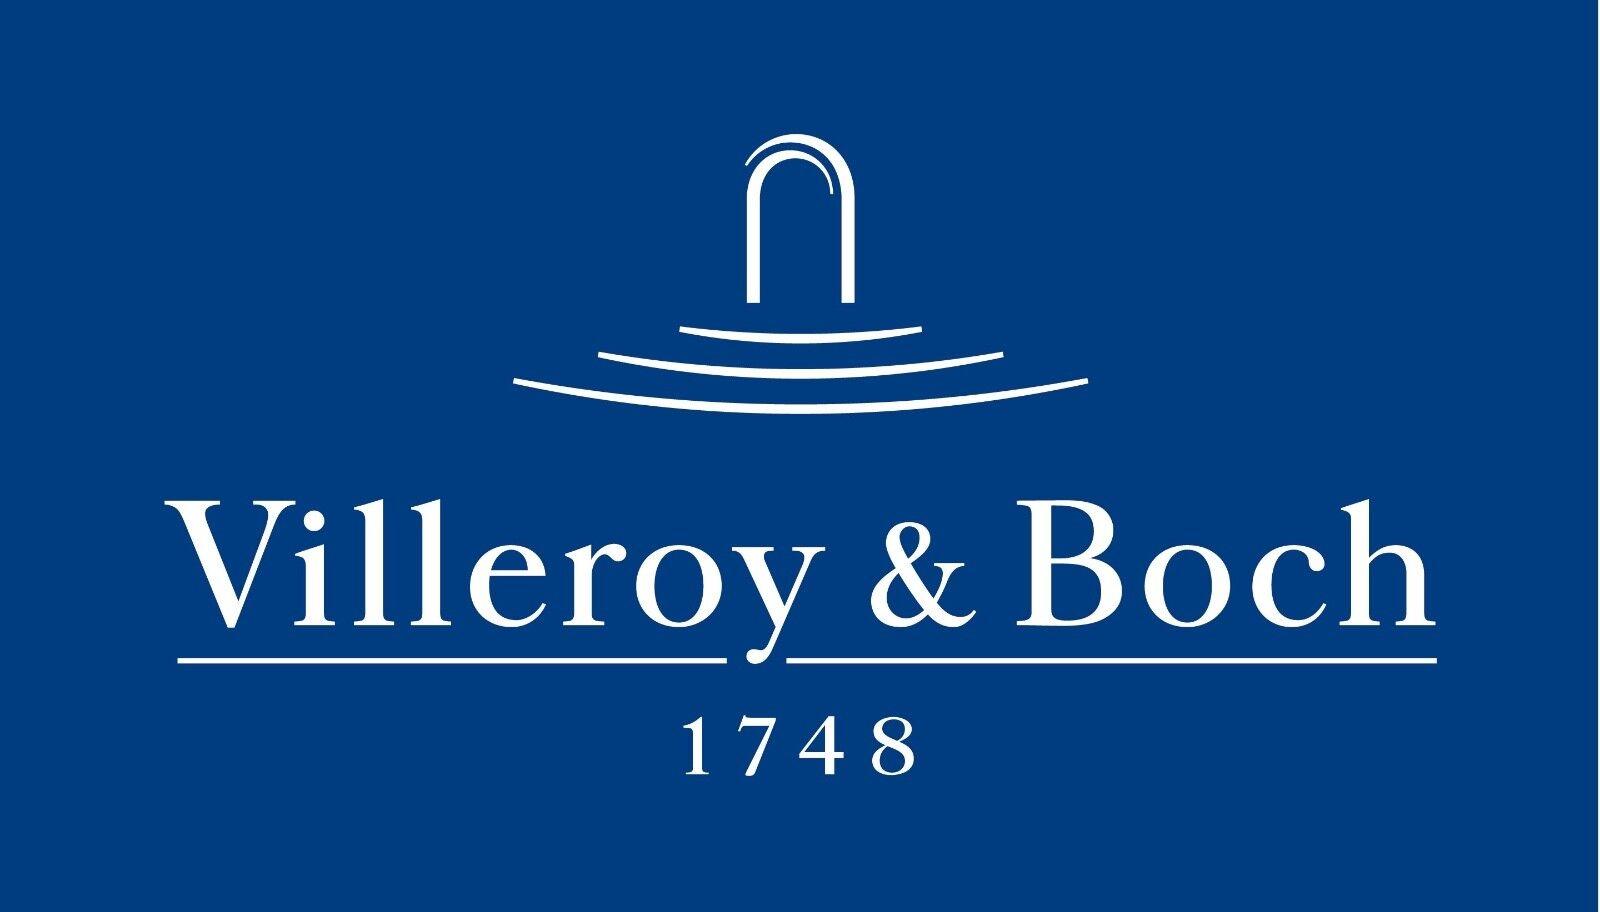 Villeroy & Boch - Casale Casale Casale Bleu - 6 vaisselle étages ø cm 27 - Revendeur a05df6